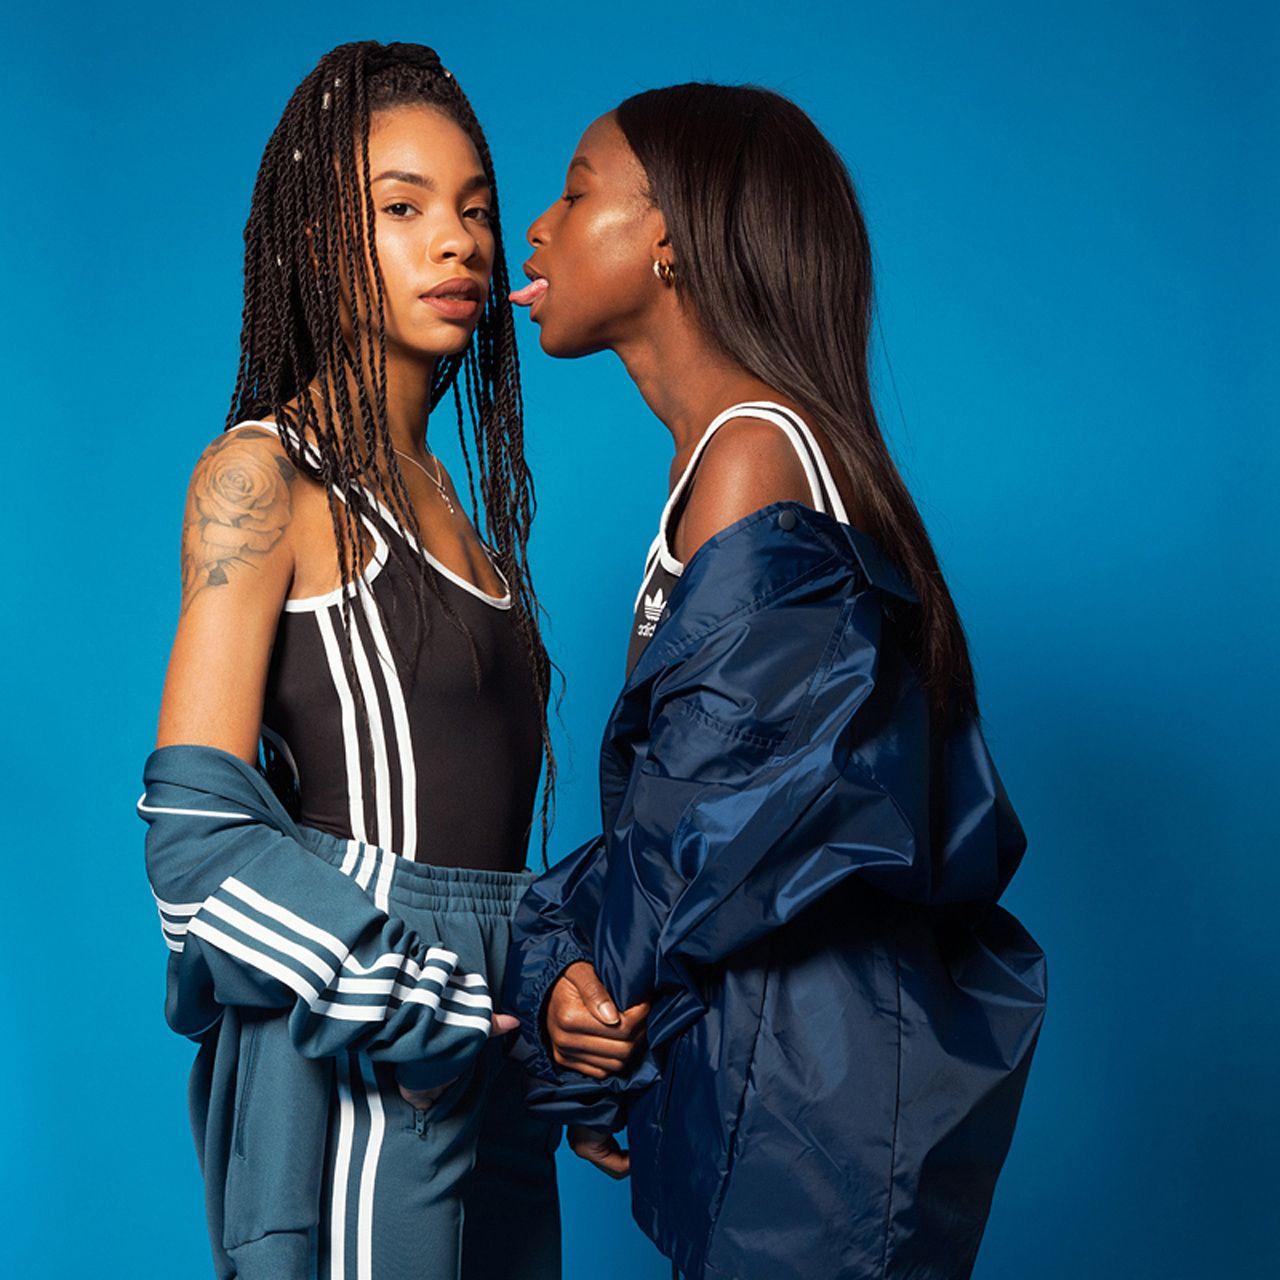 BAPE & adidas Originals Join Forces for a Camo adicolor